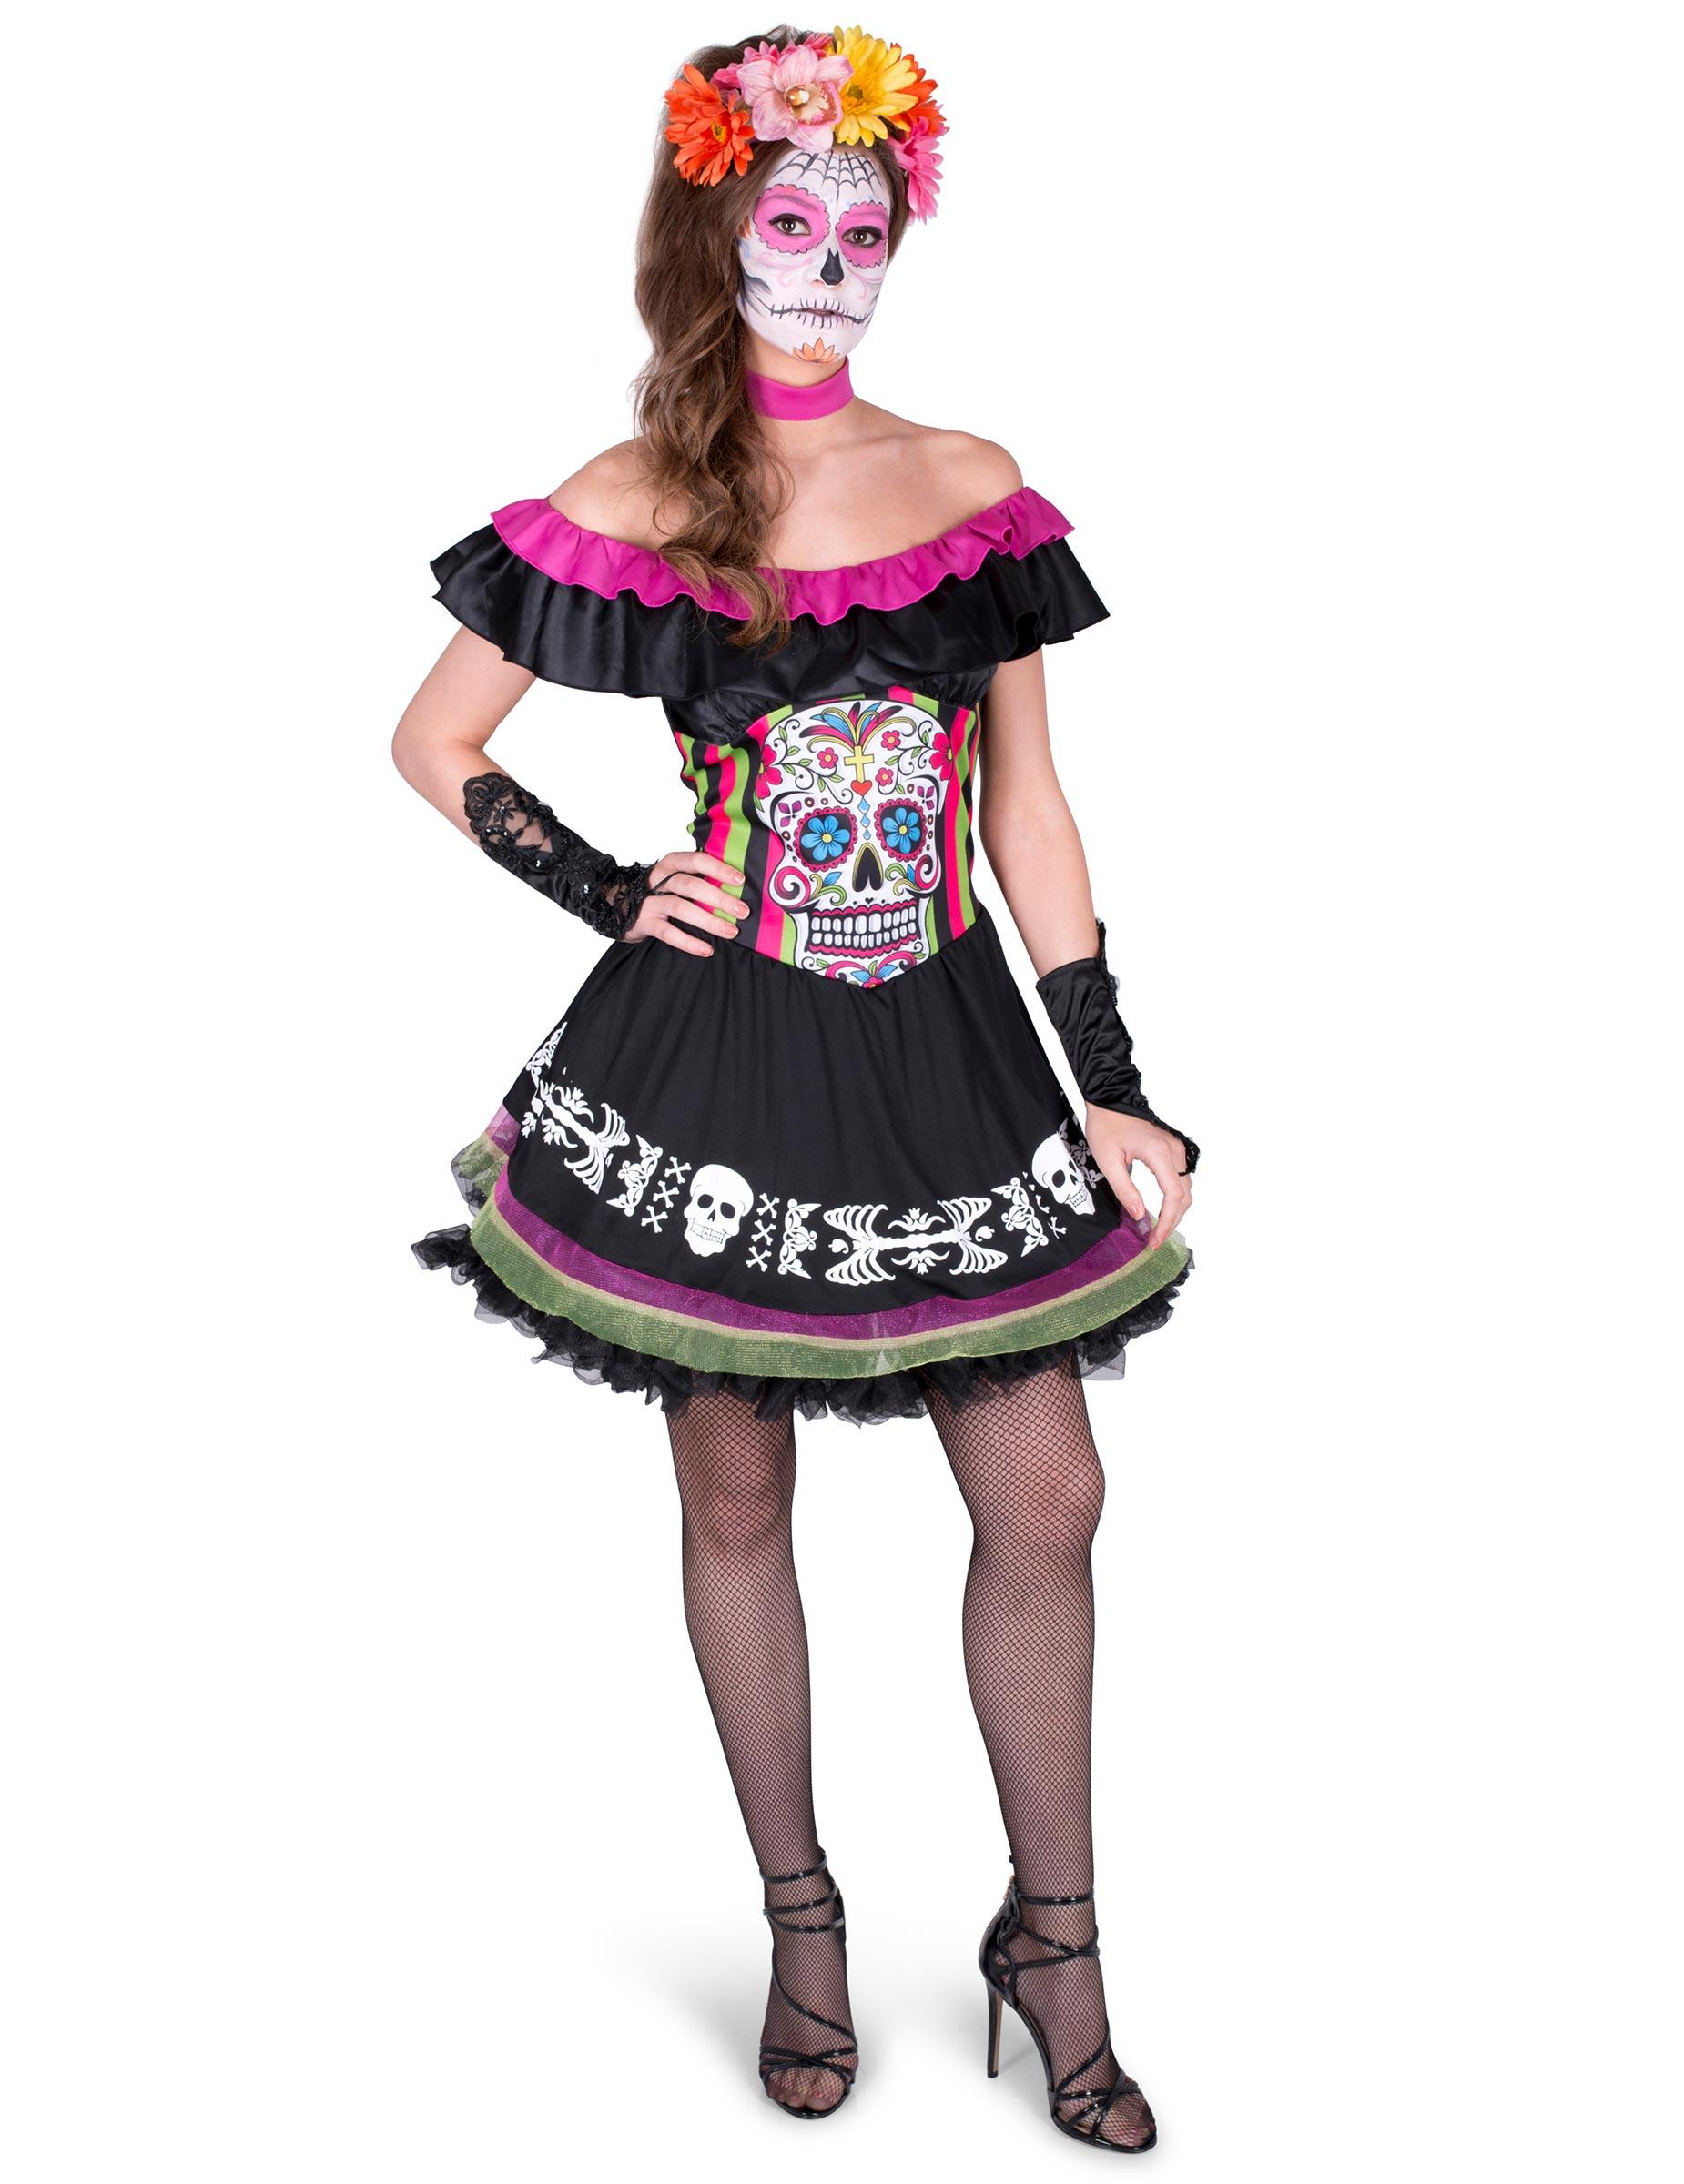 dcea86e3c980 Färggrann Dia de los Muertos-klänning för vuxna, köp Maskeradkläder ...